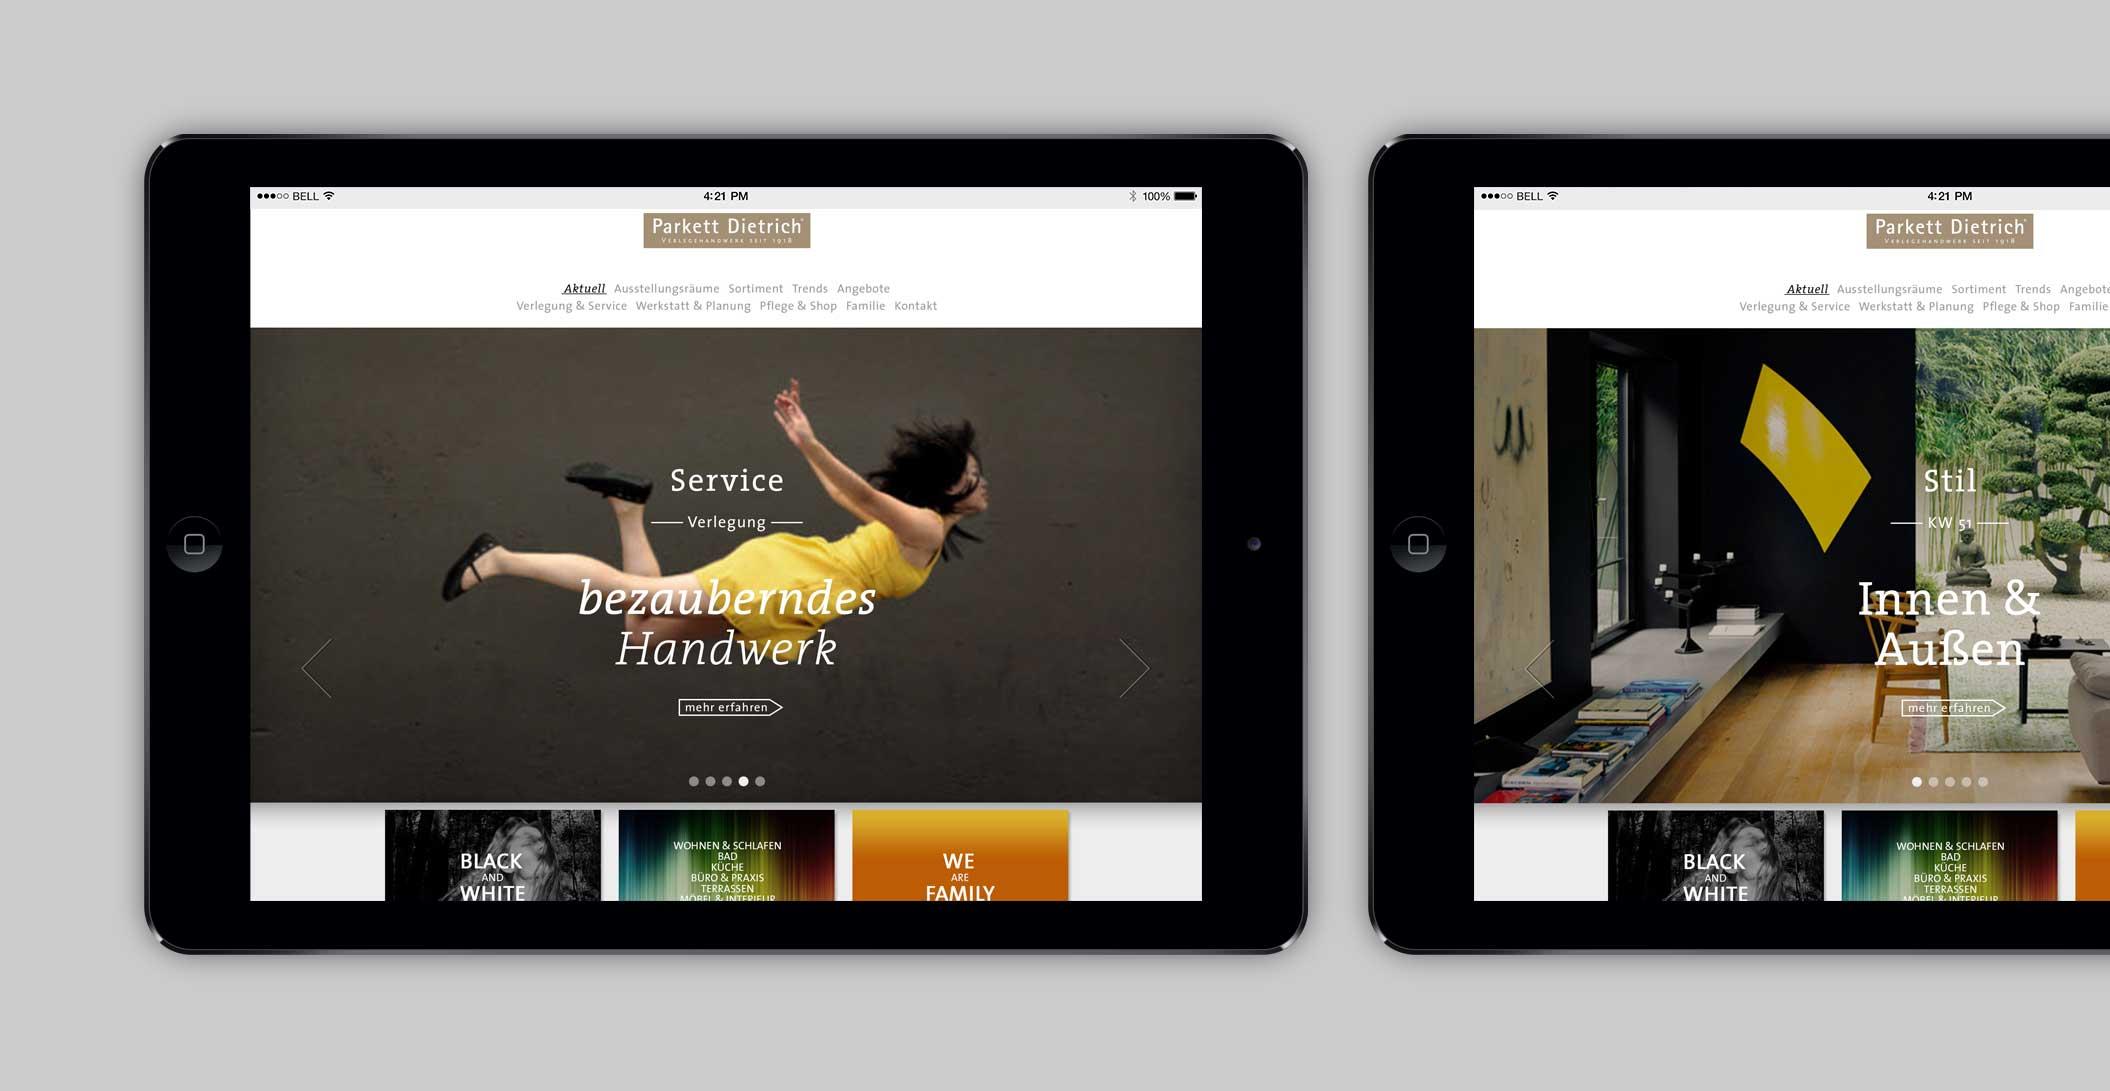 Website: Startseite – diverse Einstiege – Parkett Dietrich, Parkett in seiner schönsten Form